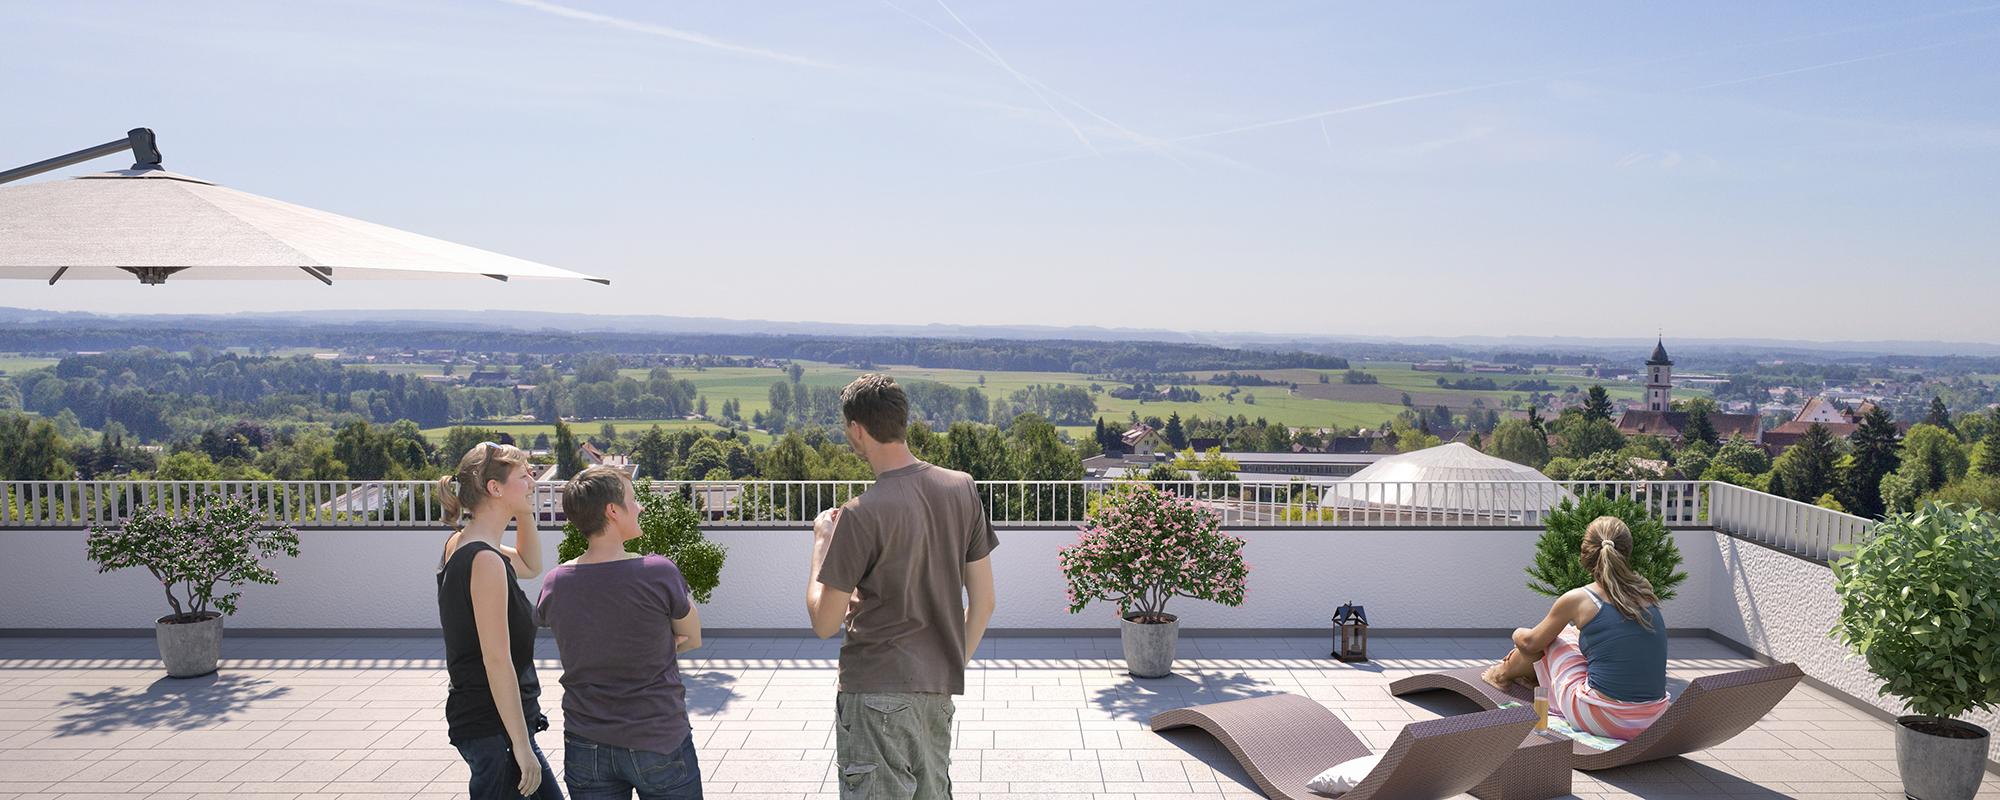 Anjana Perera Visualisierung -  Wohnbebauung in Aulendorf - für BauPunkt Weingarten